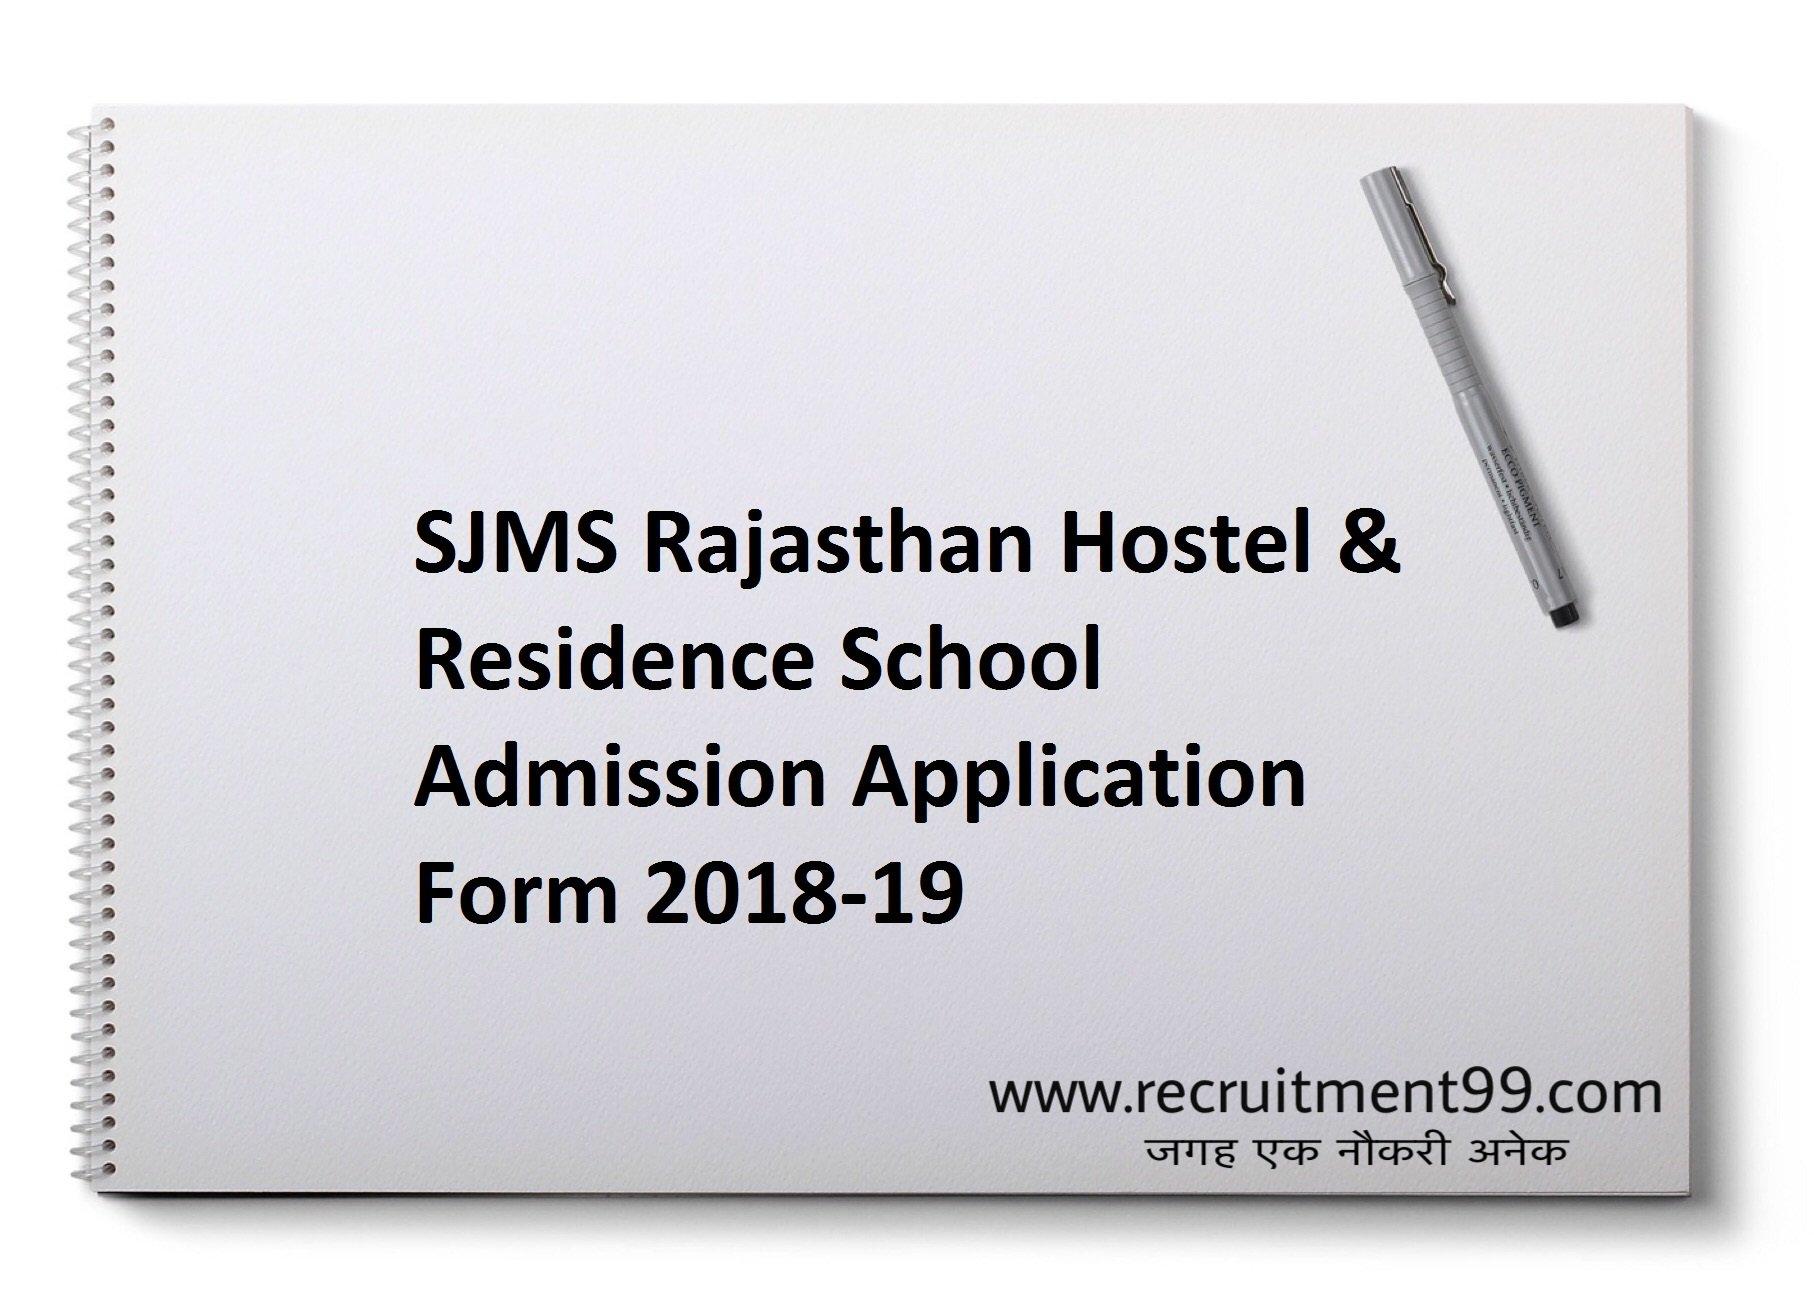 SJMS Rajasthan Hostel & Residence School Admission Application Form Result 2018-19